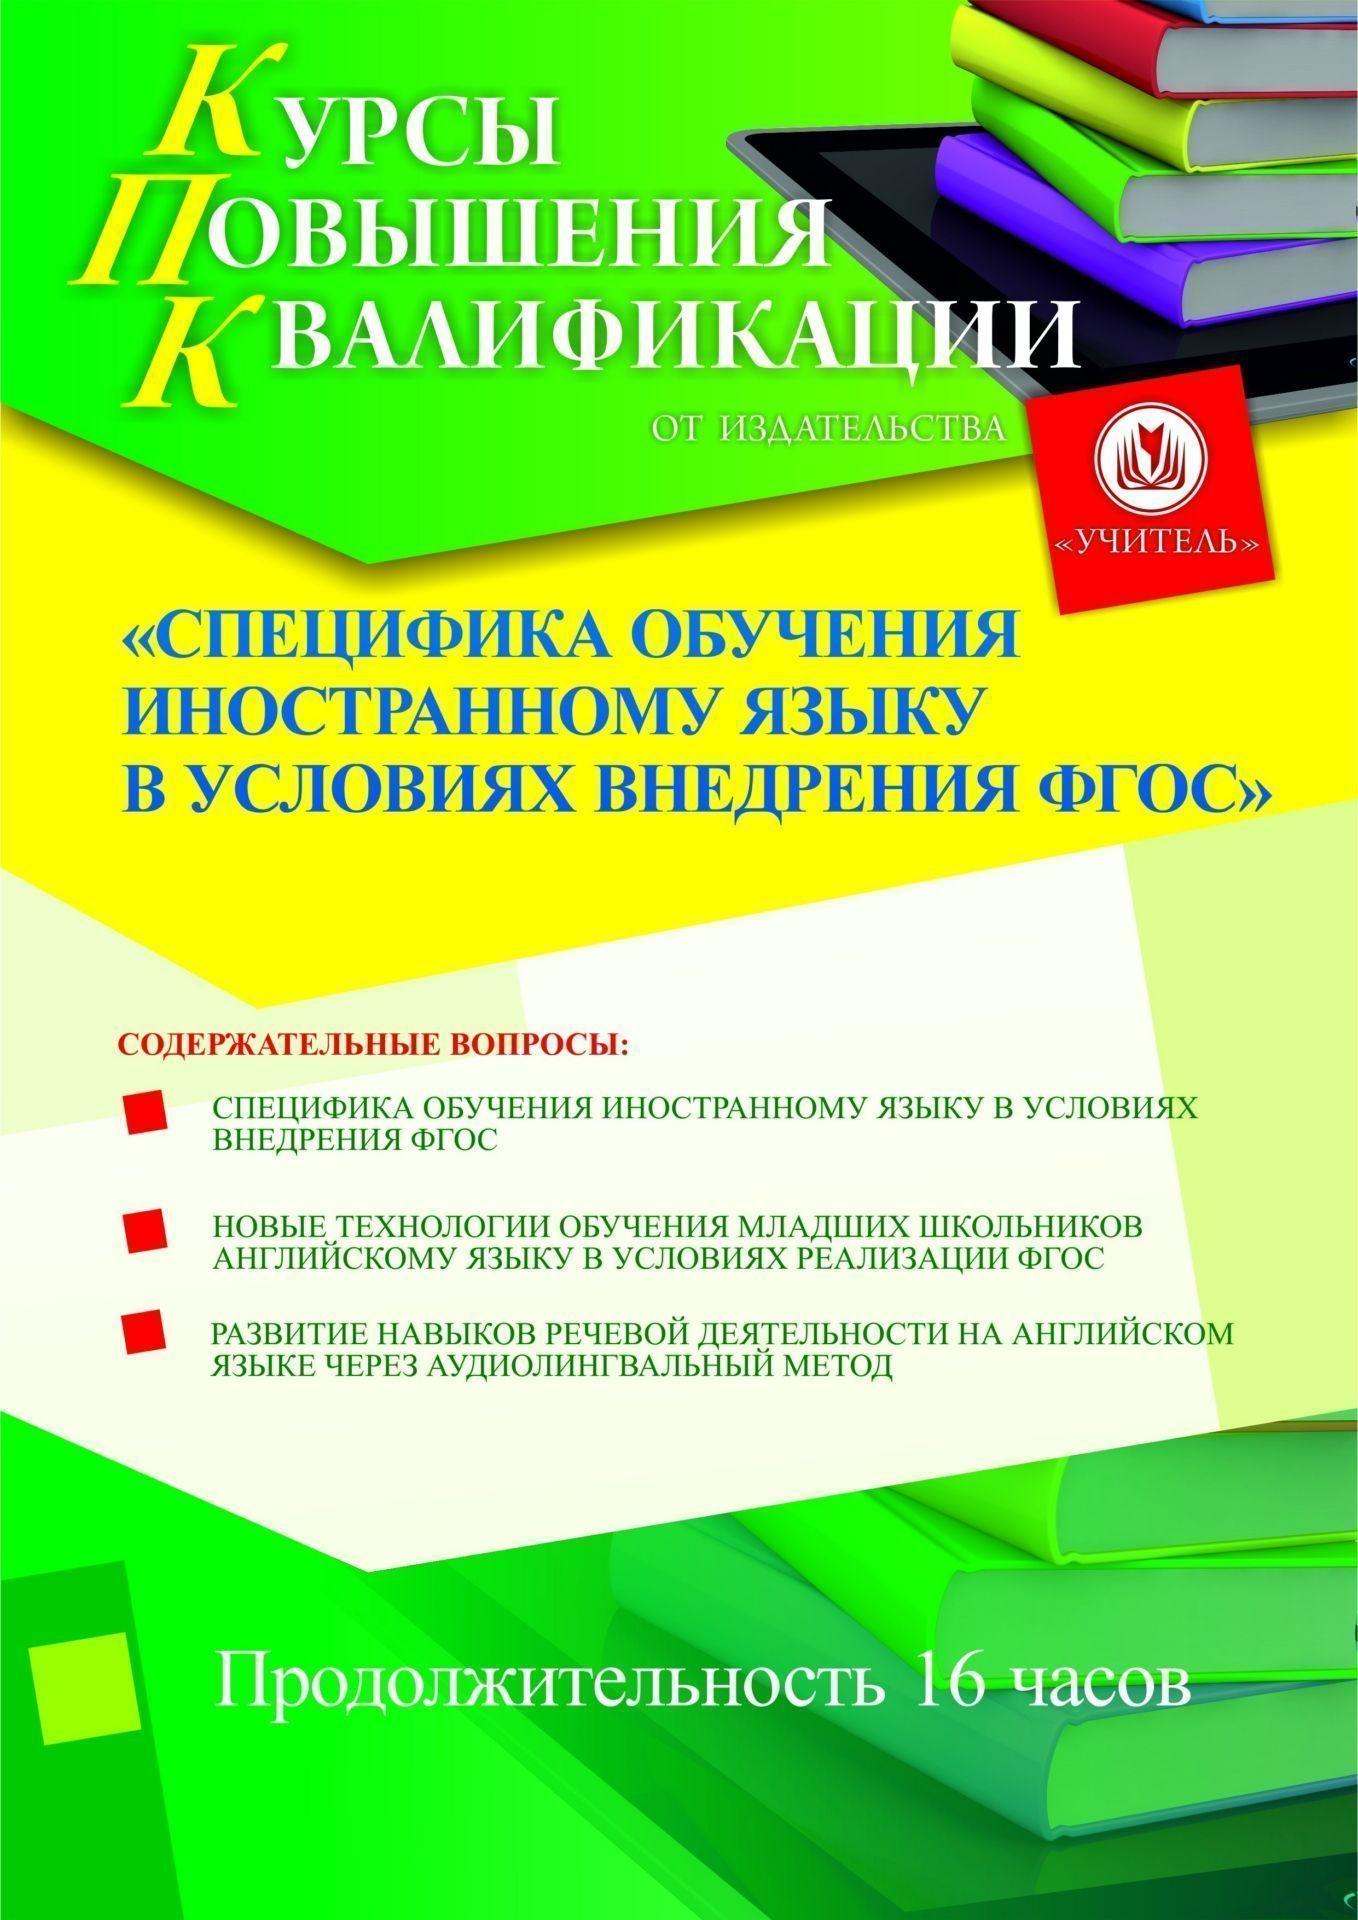 Специфика обучения иностранному языку в условиях внедрения ФГОС (16 ч.) фото